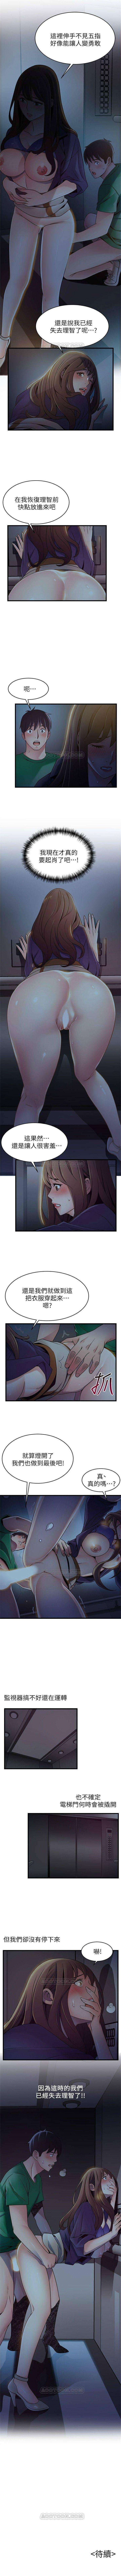 (週7)弱點 1-76 中文翻譯(更新中) 392